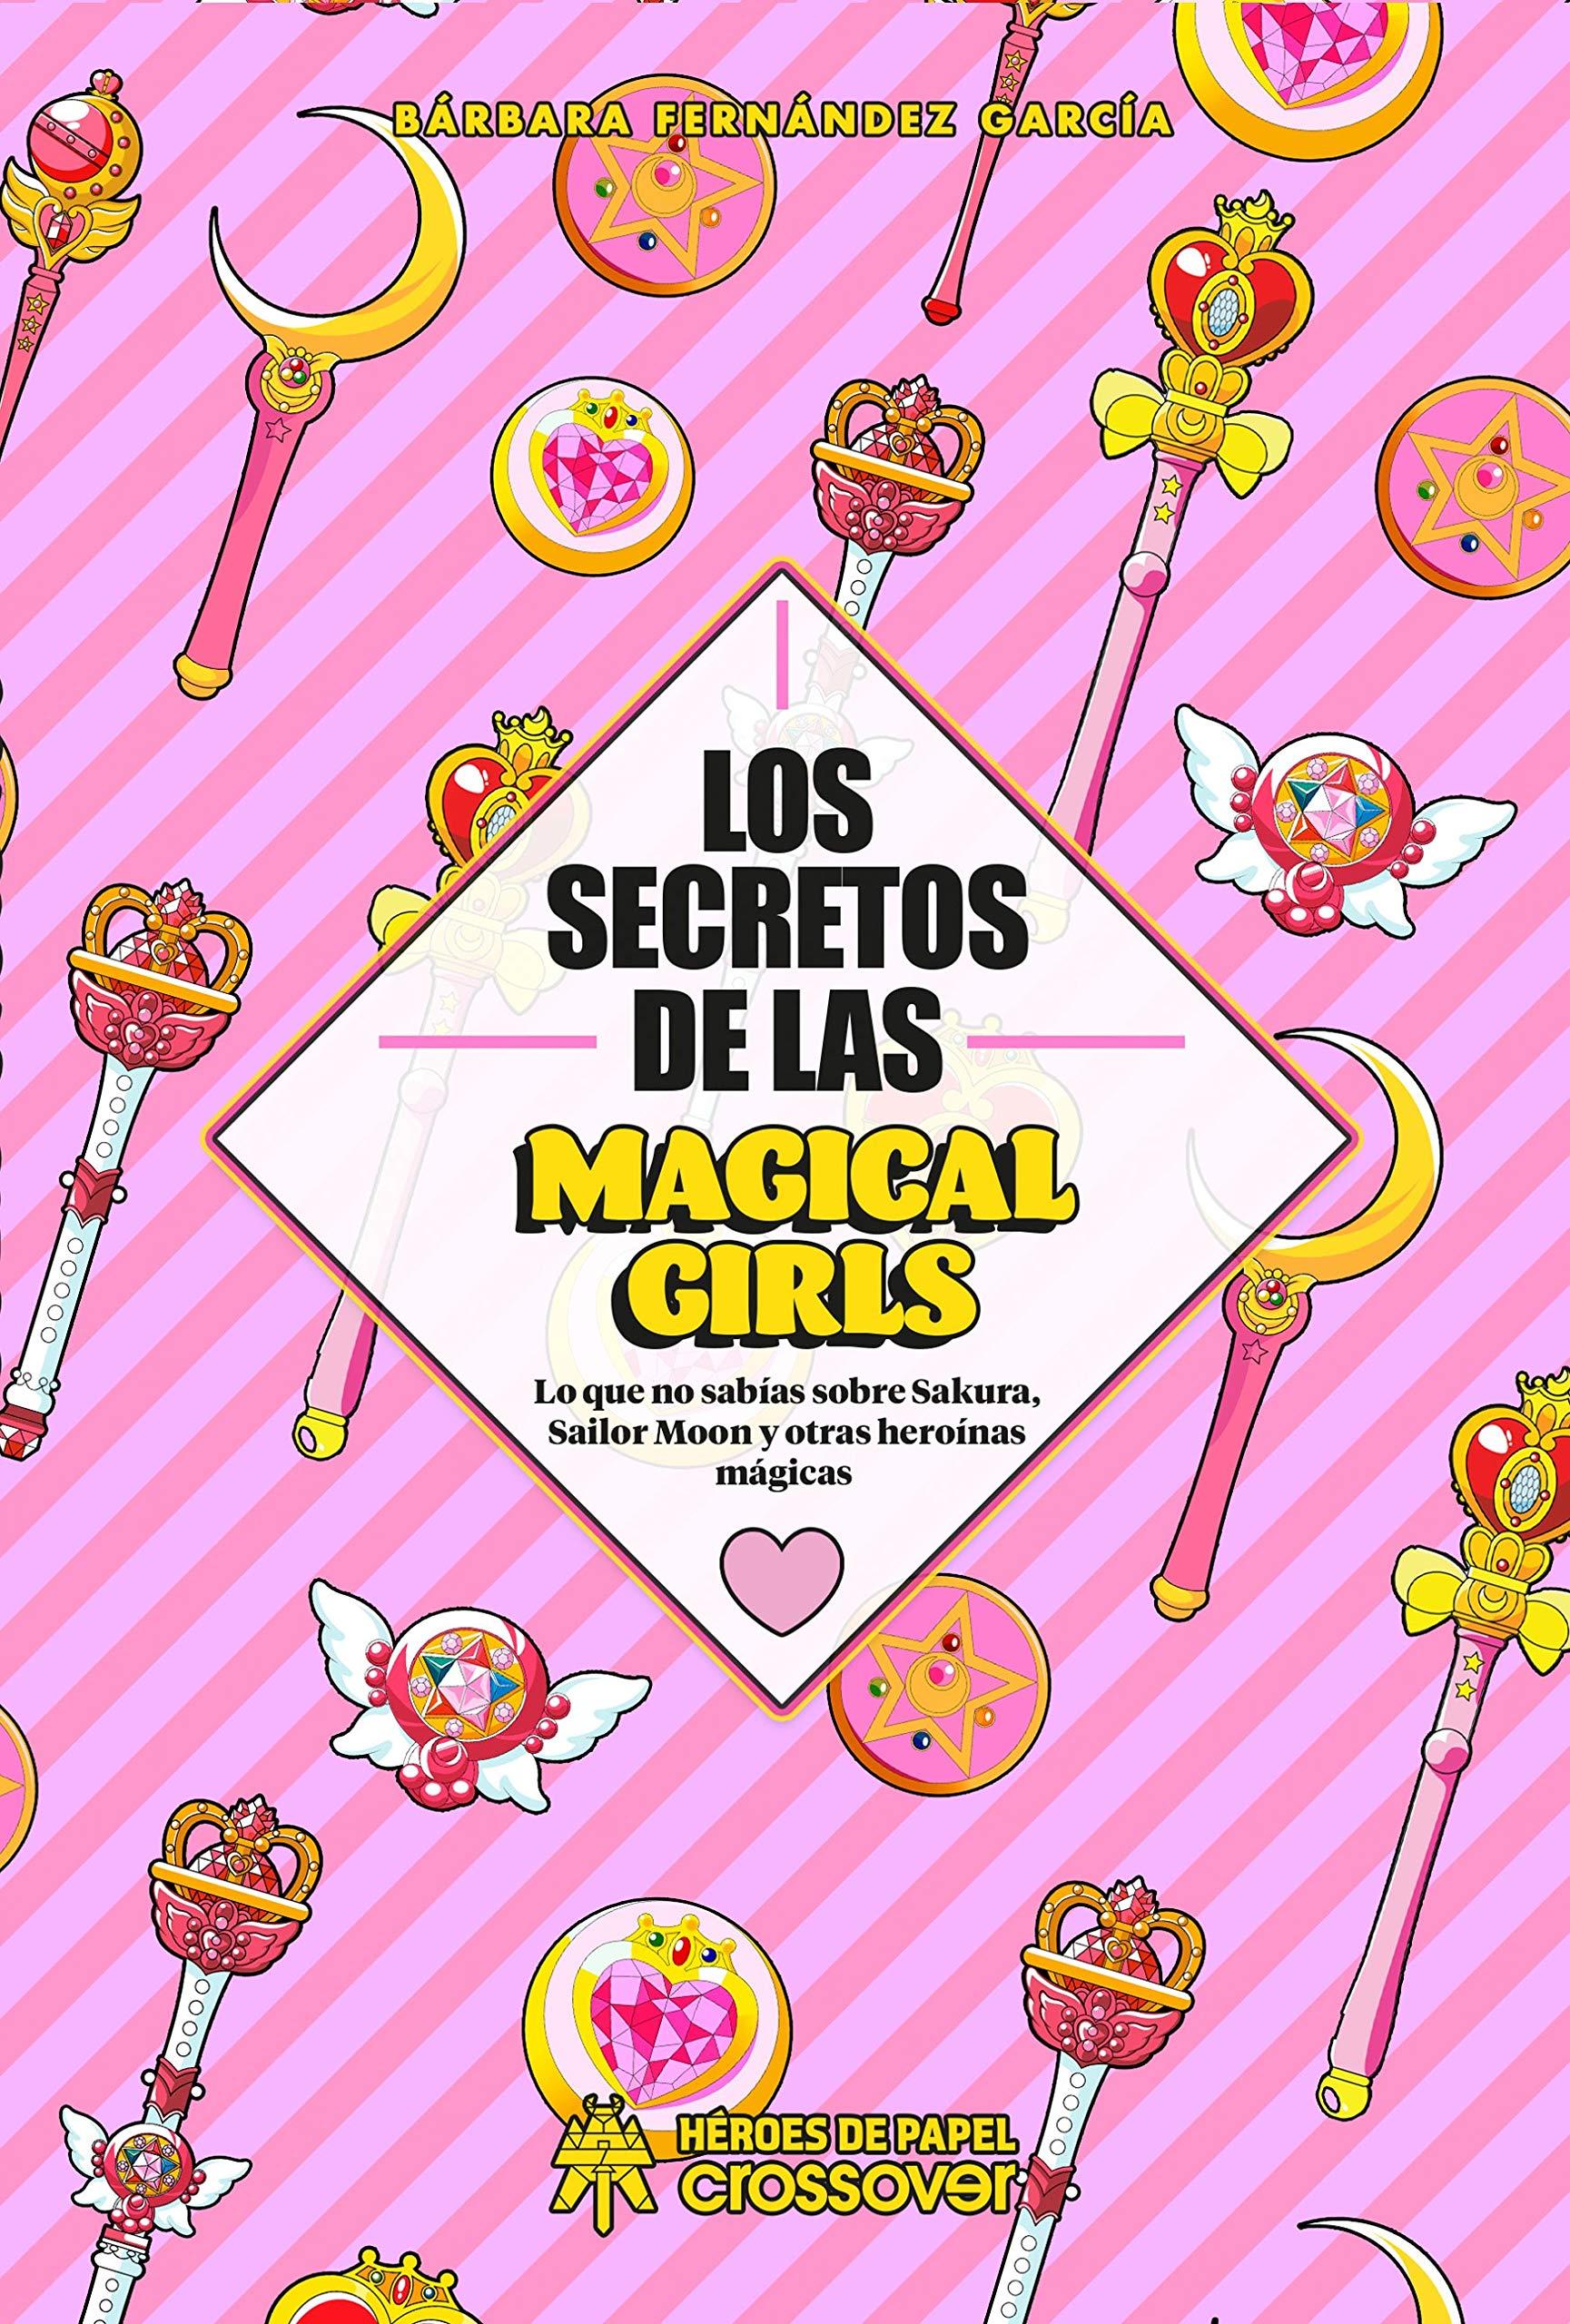 Los secretos de las Magical Girls: Lo que no sabías sobre Sakura, Sailor Moon y otras heroínas mágicas: Amazon.es: Fernández García, Bárbara: Libros